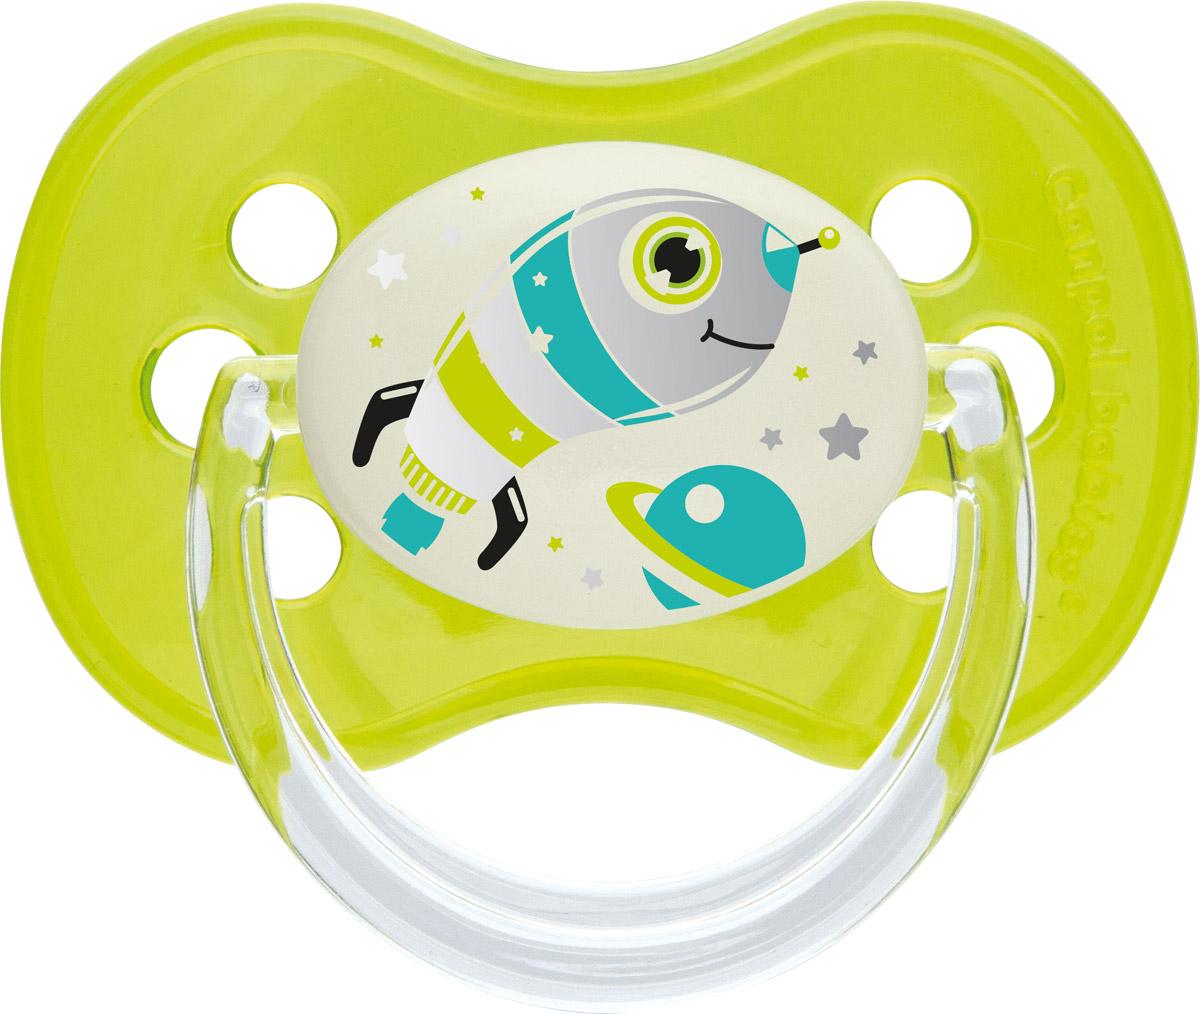 Canpol Babies Пустышка силиконовая симметричная Space Mission от 0 до 6 месяцев цвет зеленый canpol babies пустышка латексная space от 6 до 18 месяцев цвет фиолетовый